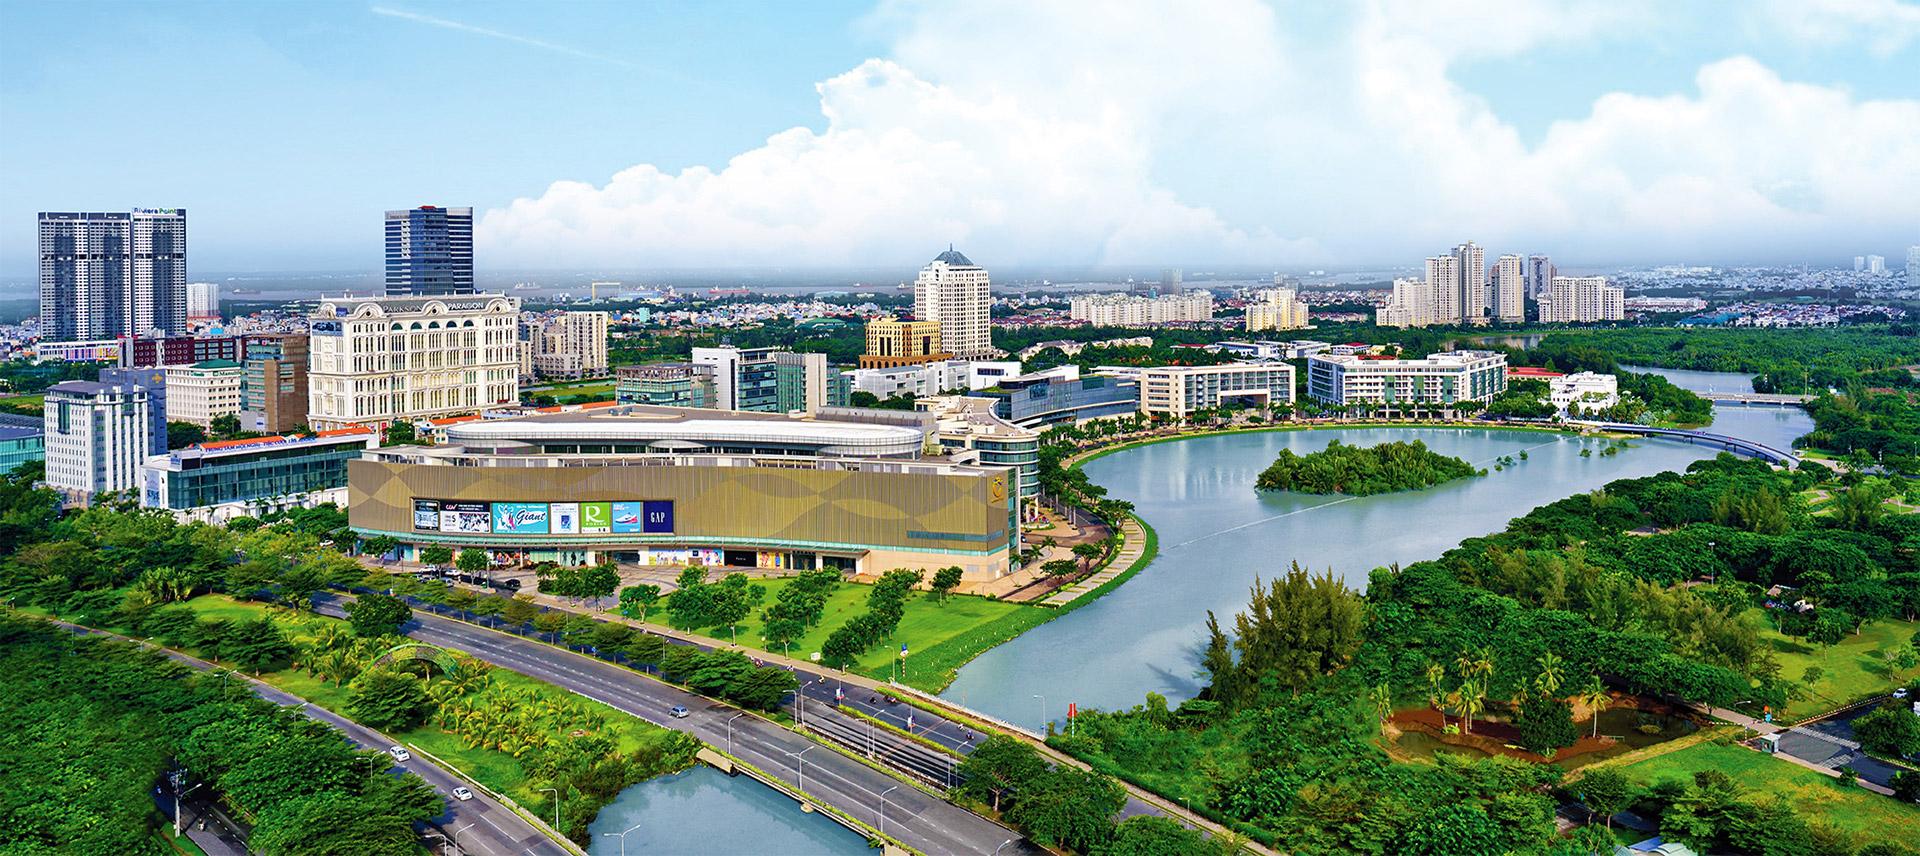 khu crescen - Phú Mỹ Hưng - Đô thị xanh từ quy hoạch đến vật liệu